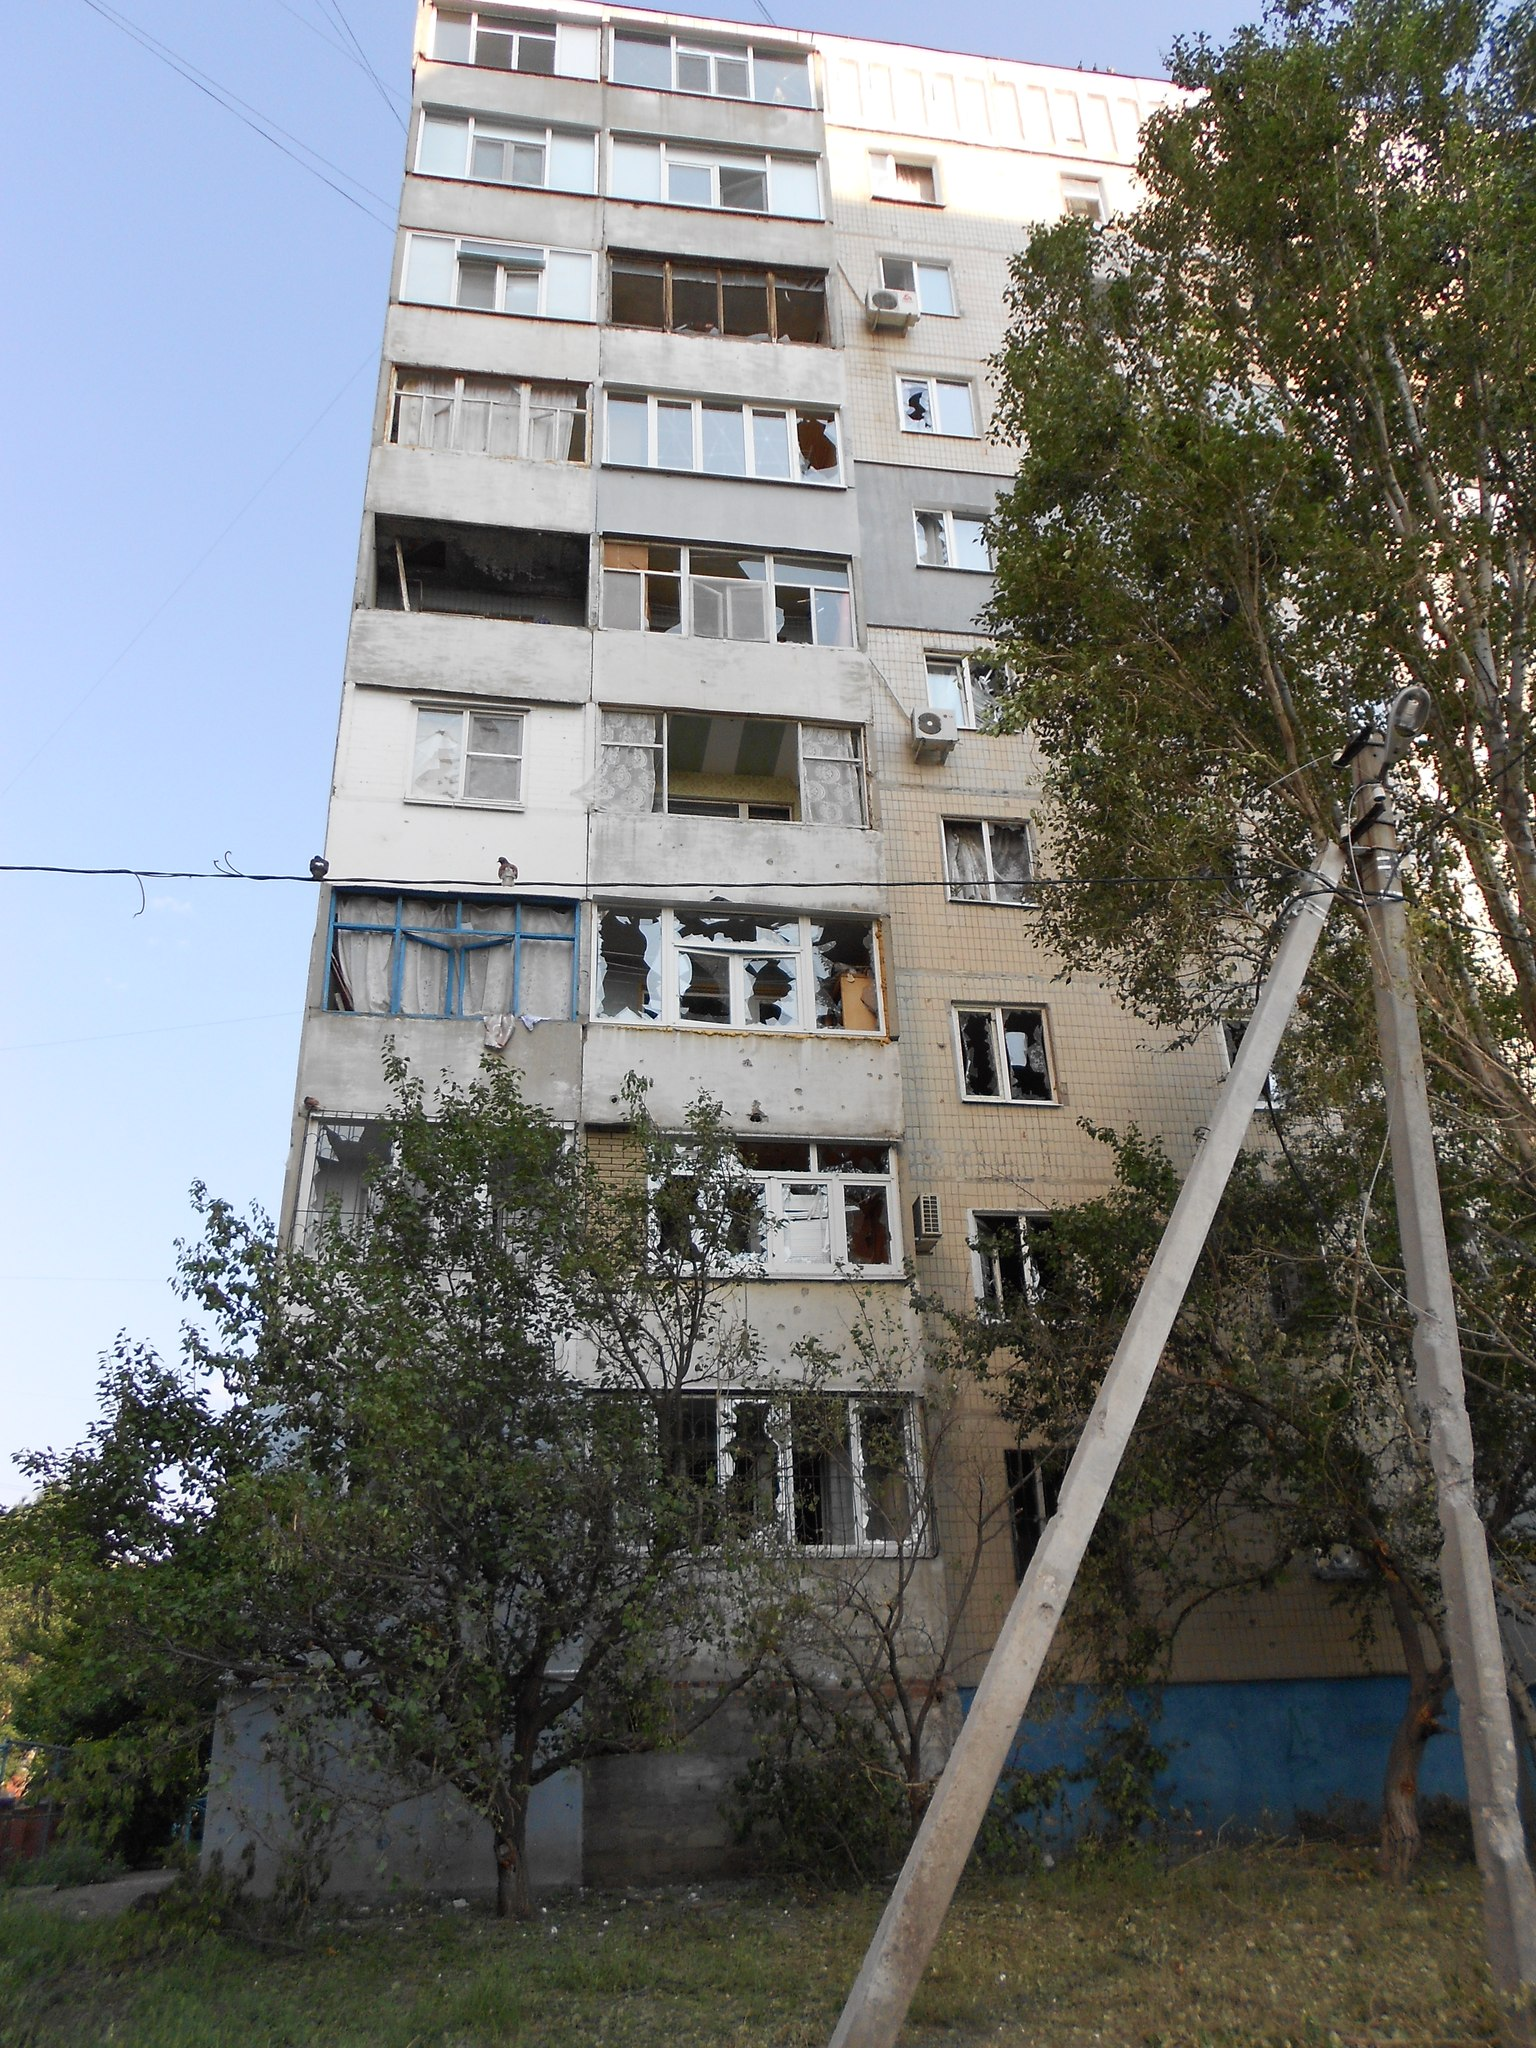 Луганск квартал заречный 13 фото 3